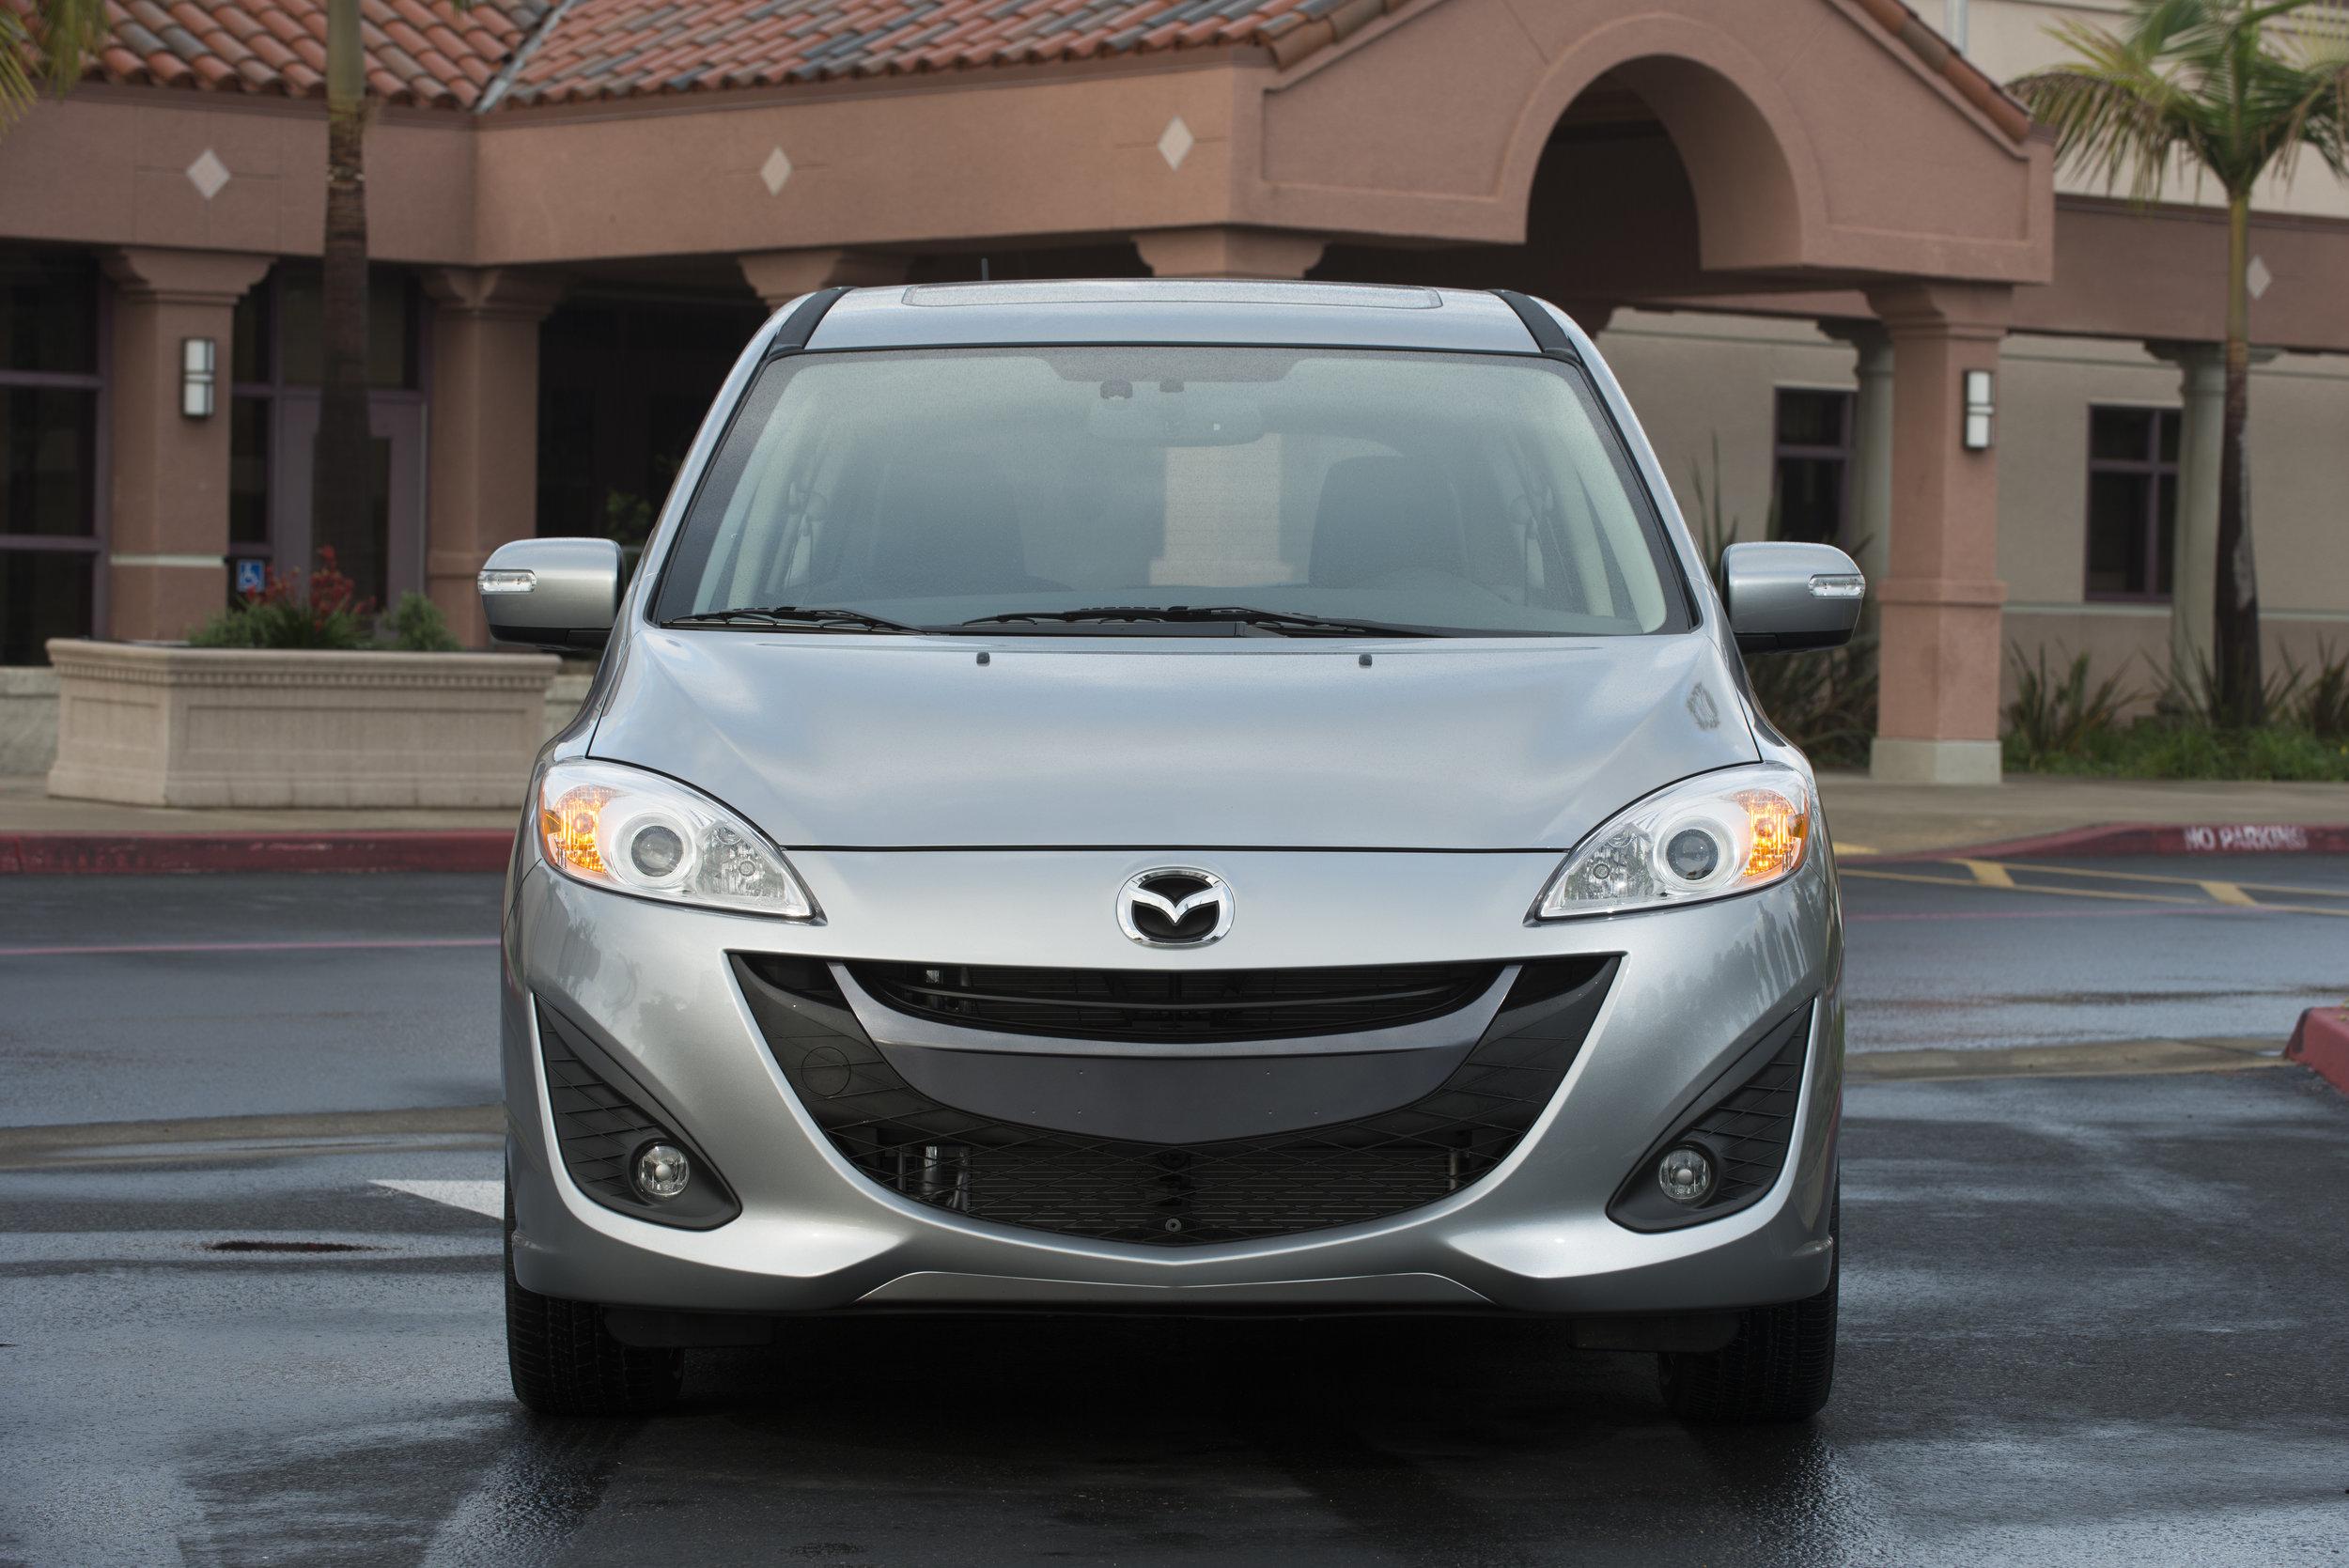 2015_Mazda5_3.jpg